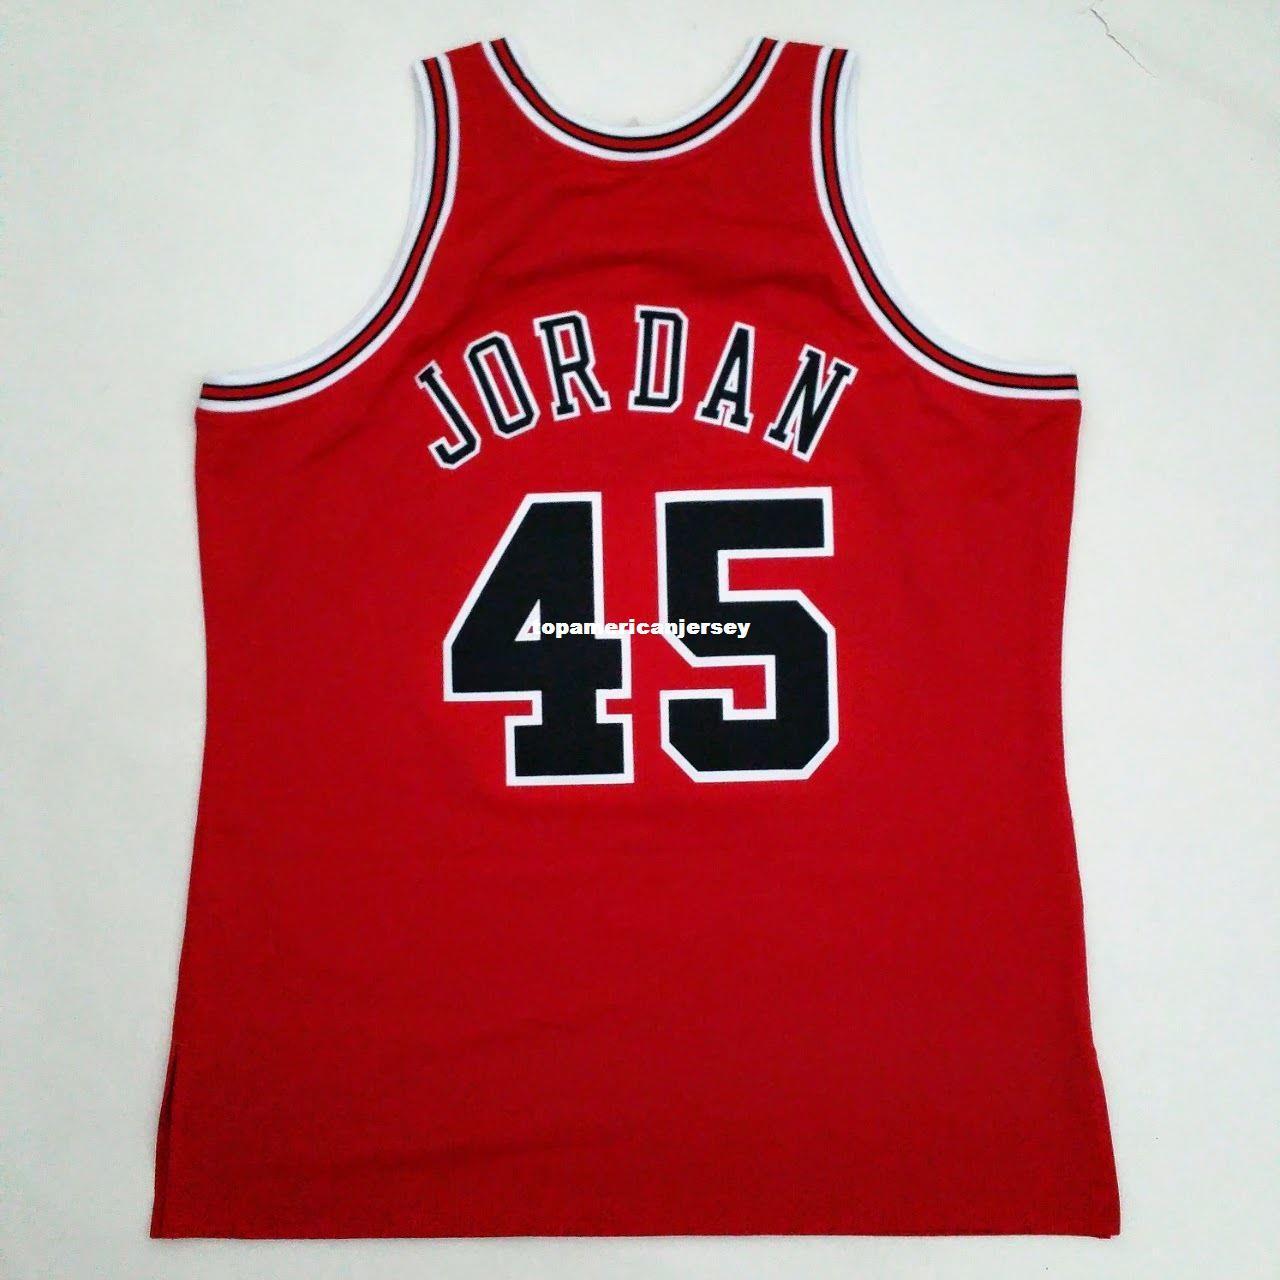 100% genäht Michael Mitchell Ness # 45 Großhandel Jersey Herren Weste Größe XS-6XL genäht Basketball Trikots Ncaa